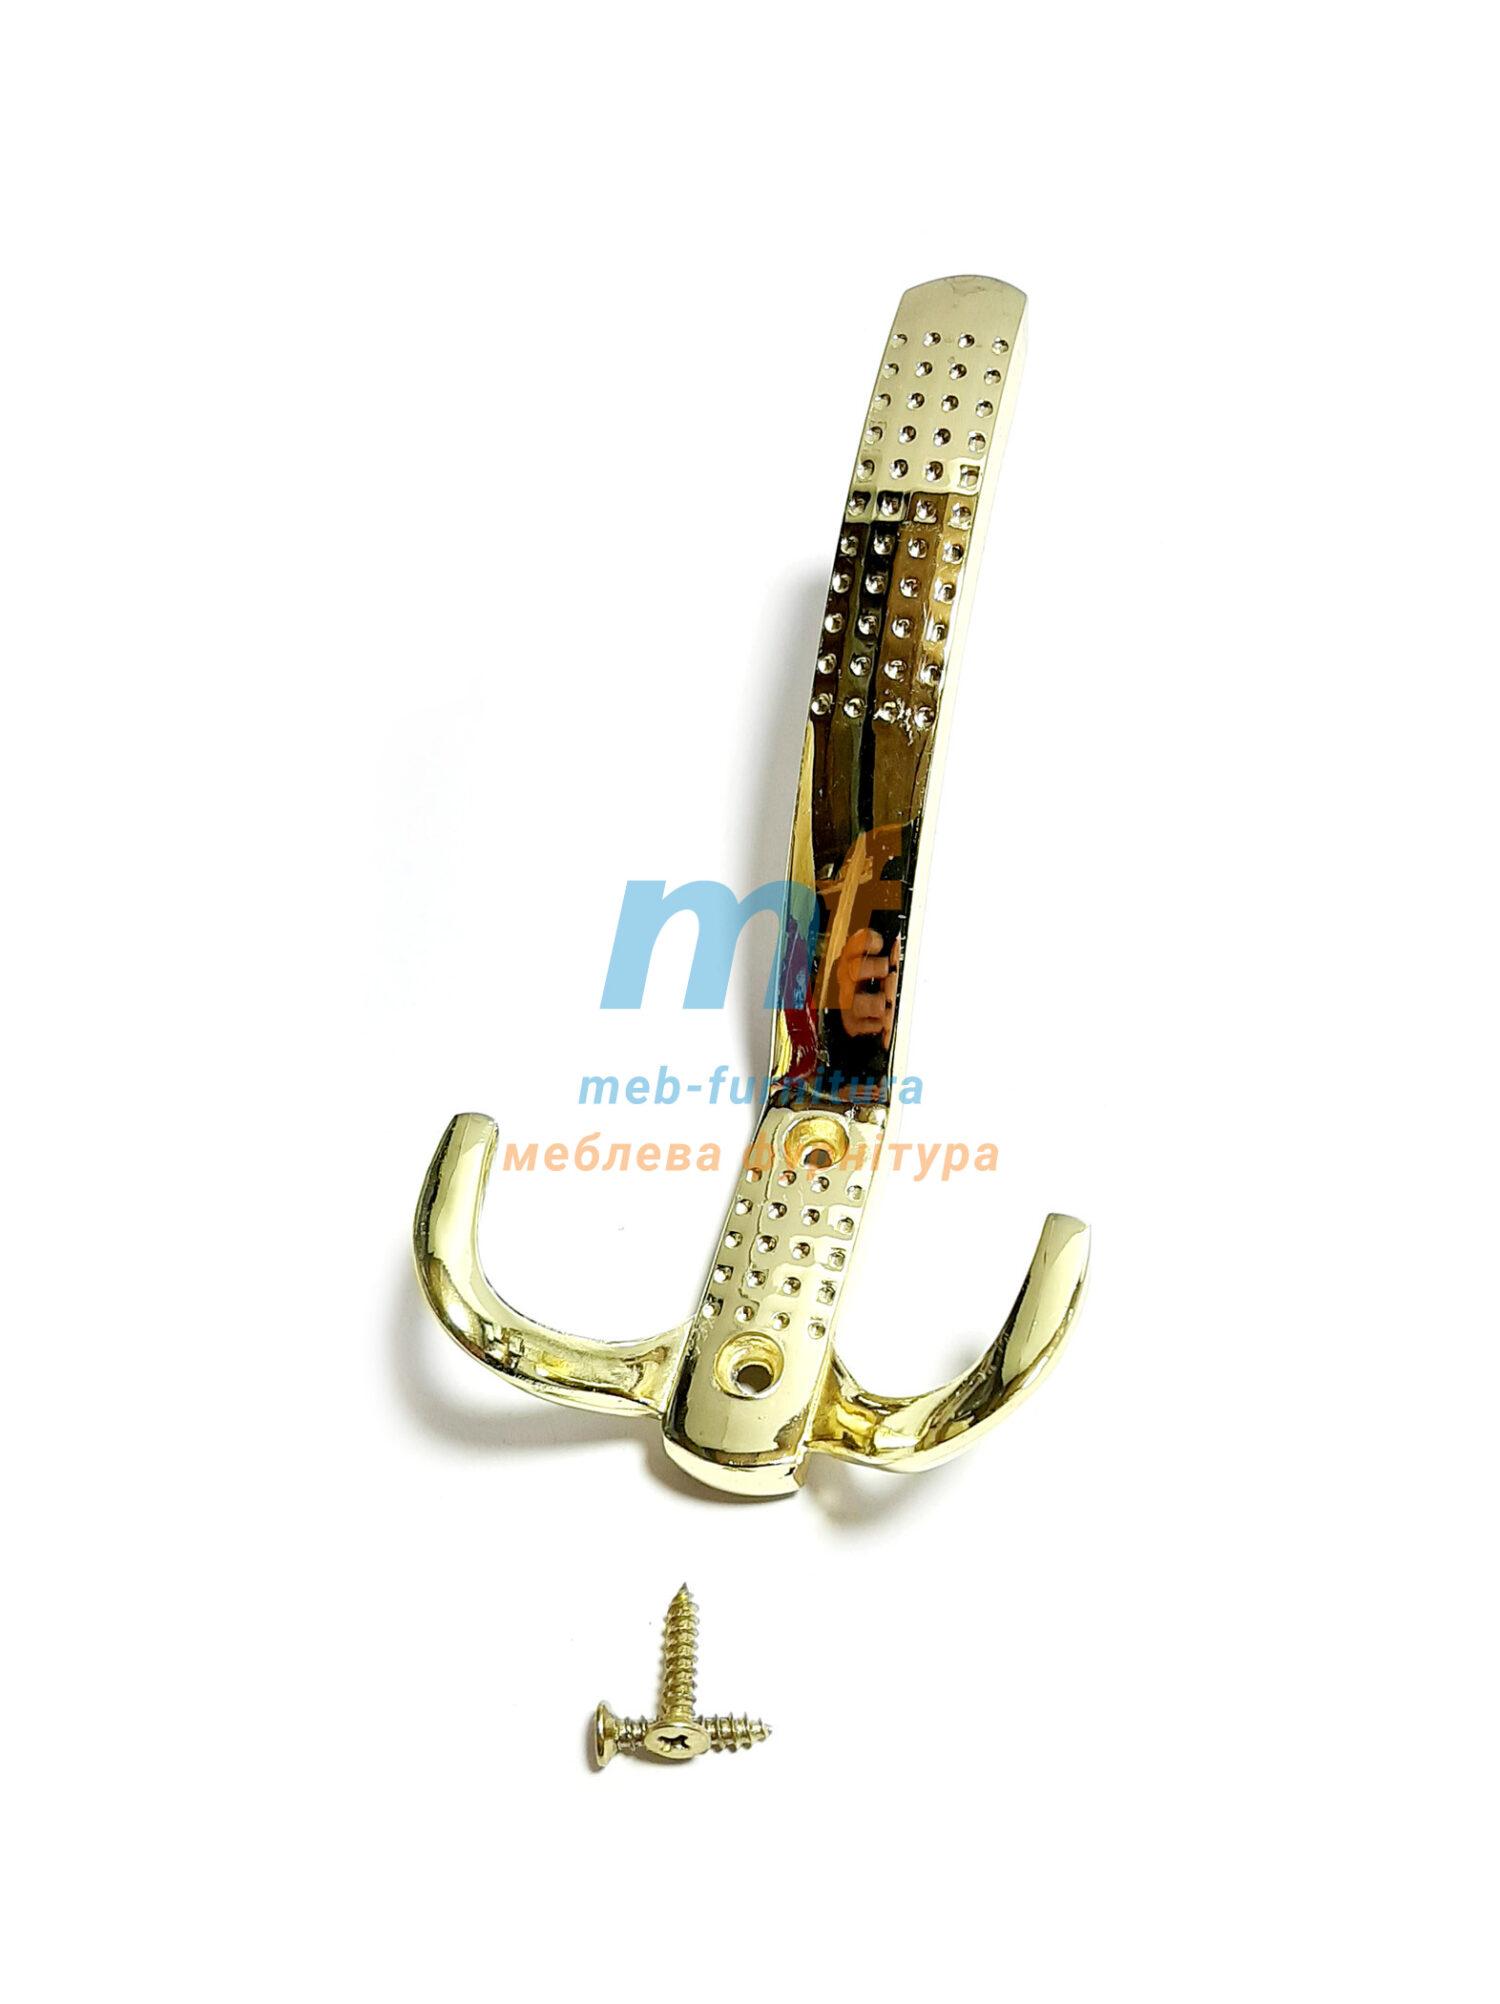 Крючок Точка большая (EKO) - золото